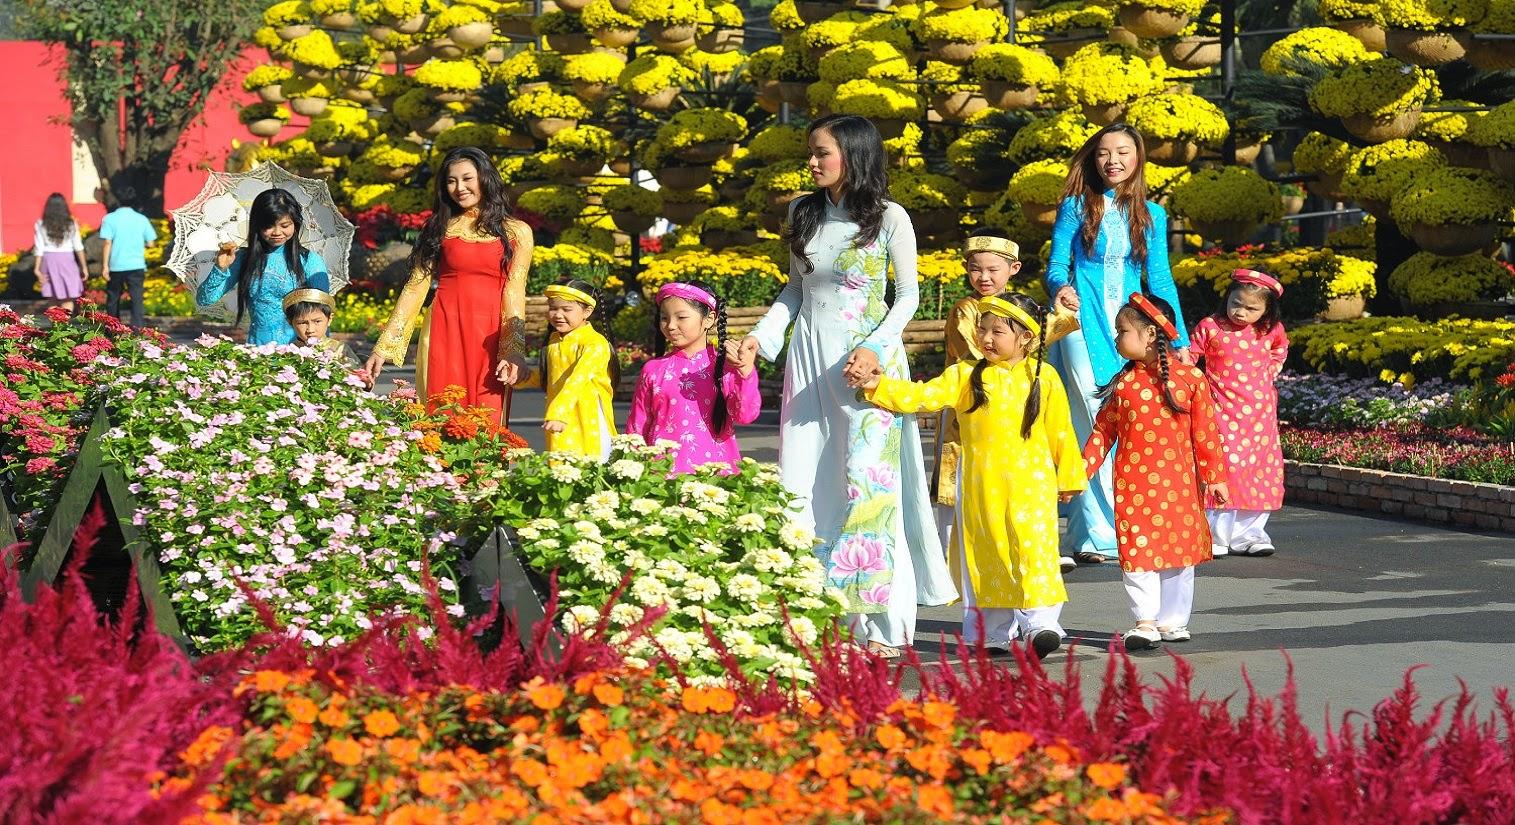 весна пришла в каждую вьетнамскую семью hinh 2